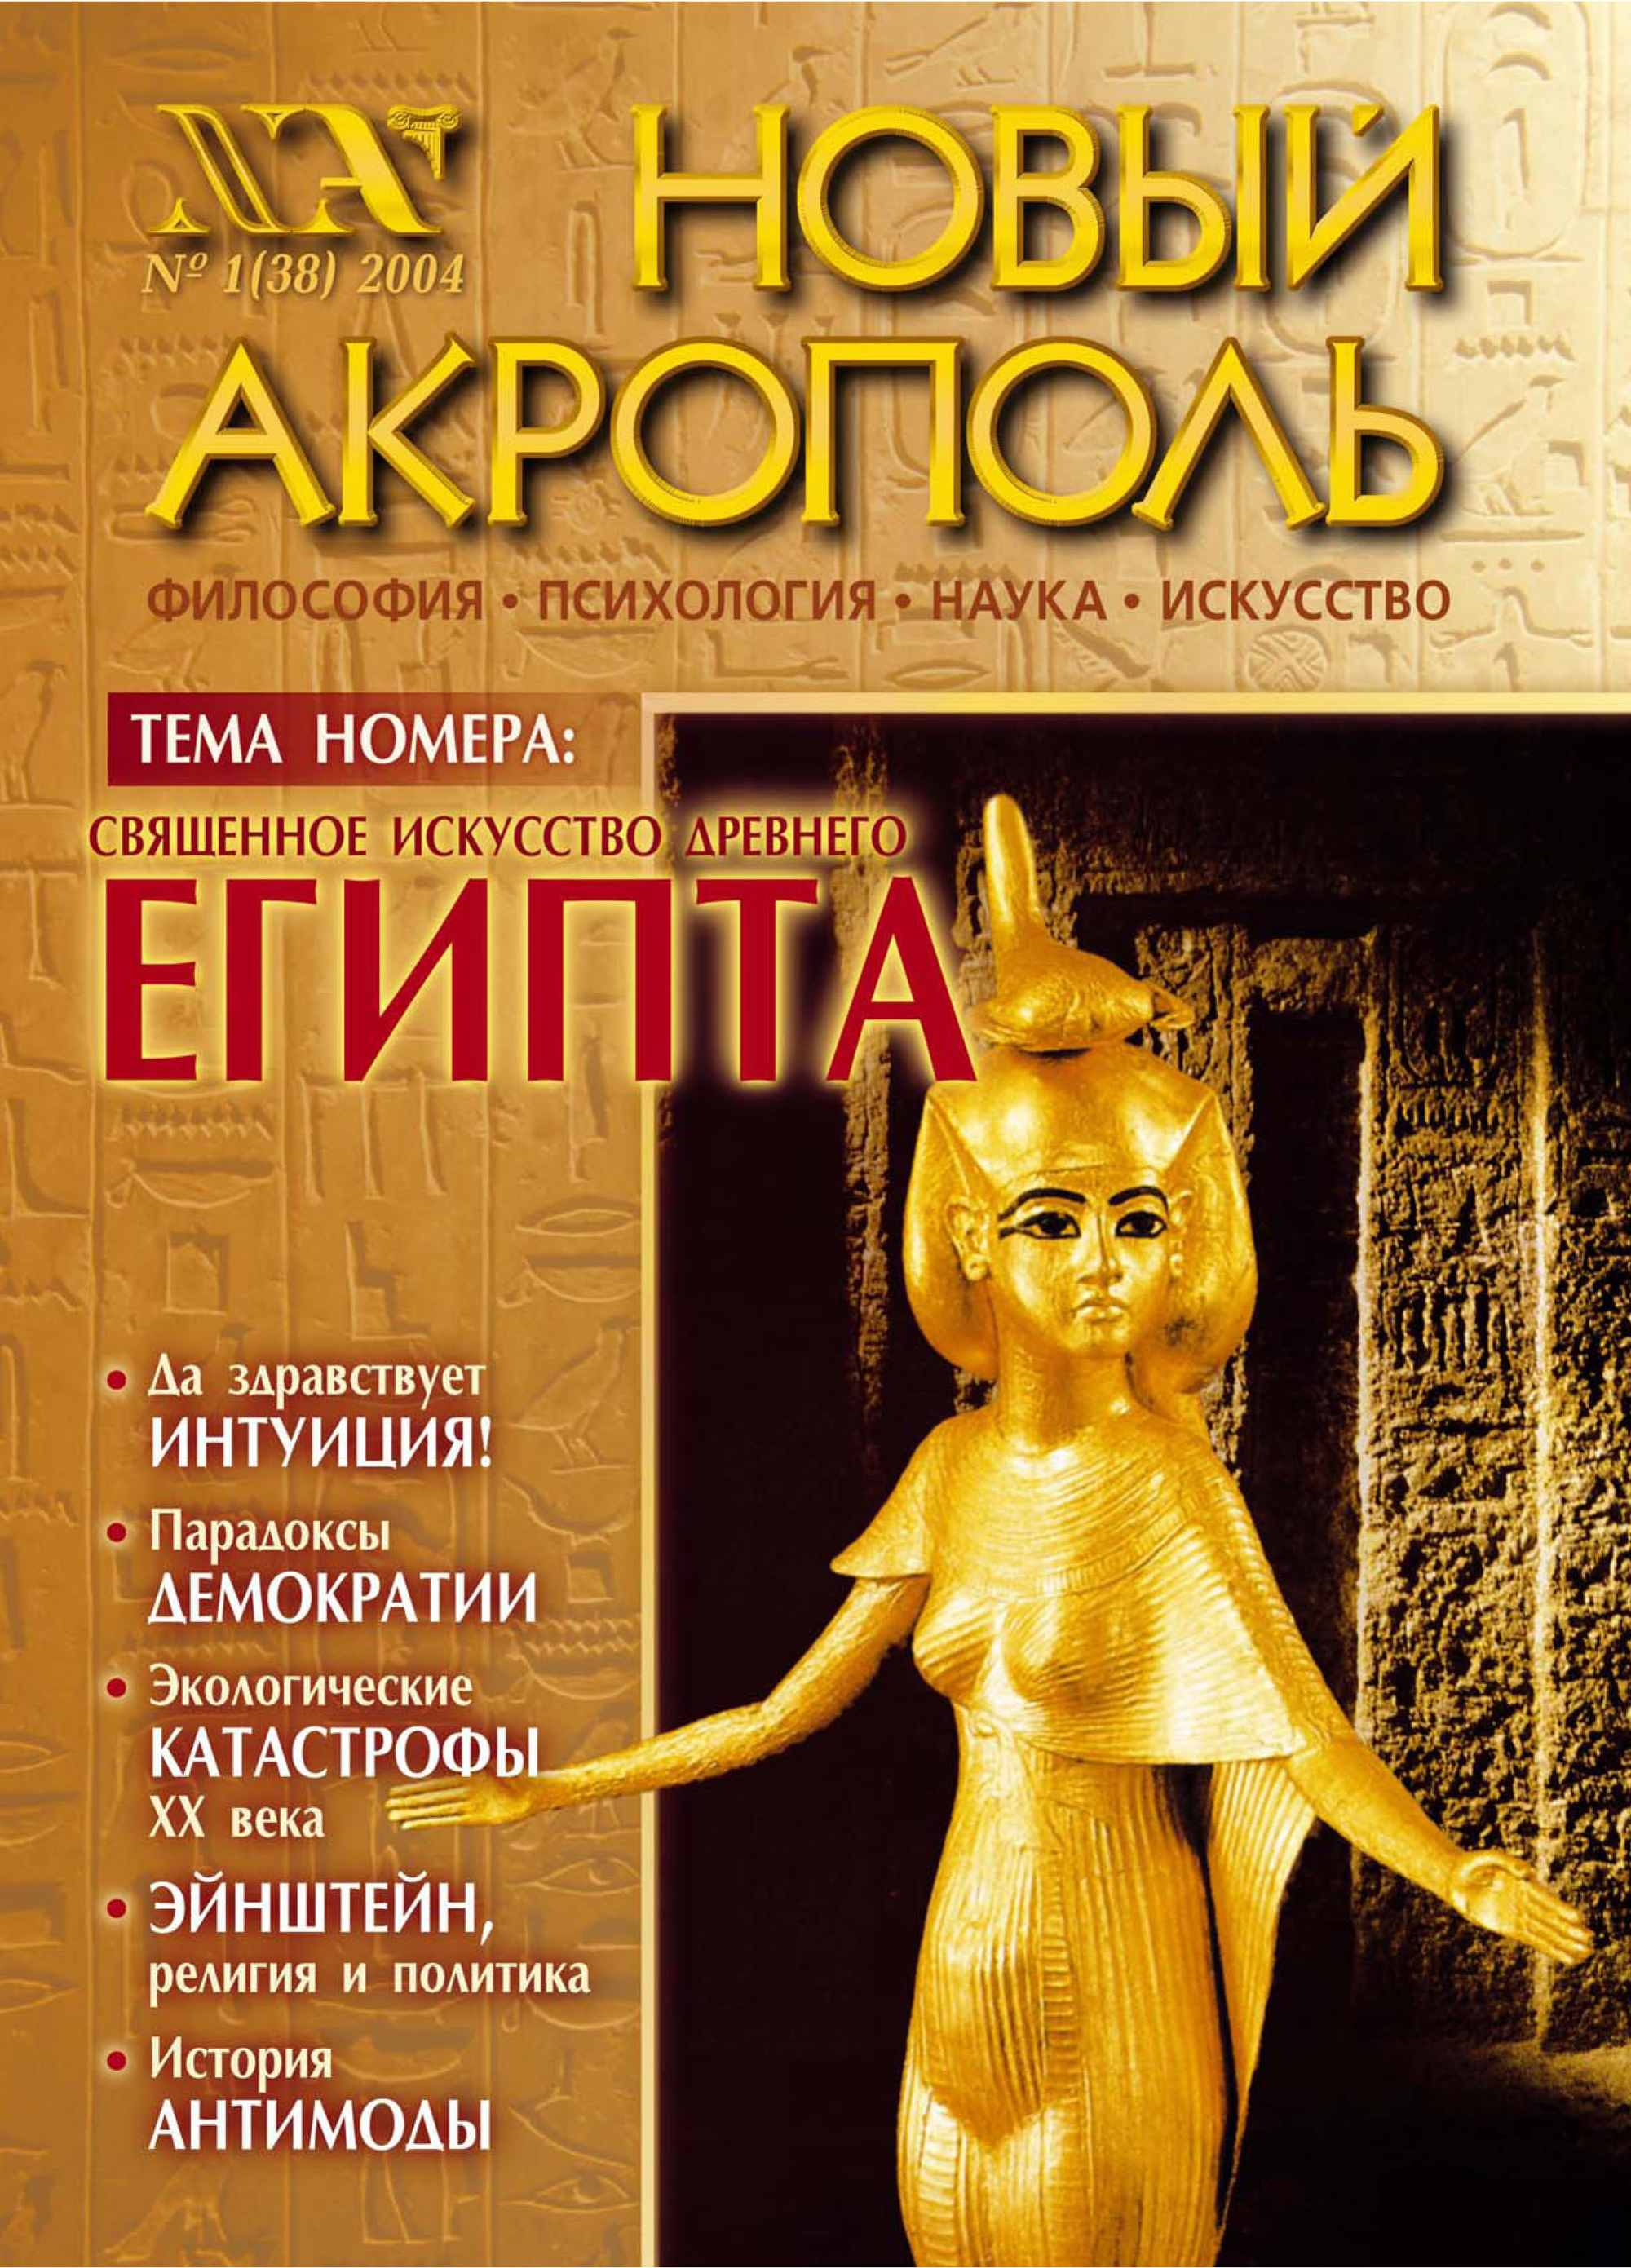 Отсутствует Новый Акрополь №01/2004 олдос хаксли о дивный новый мир